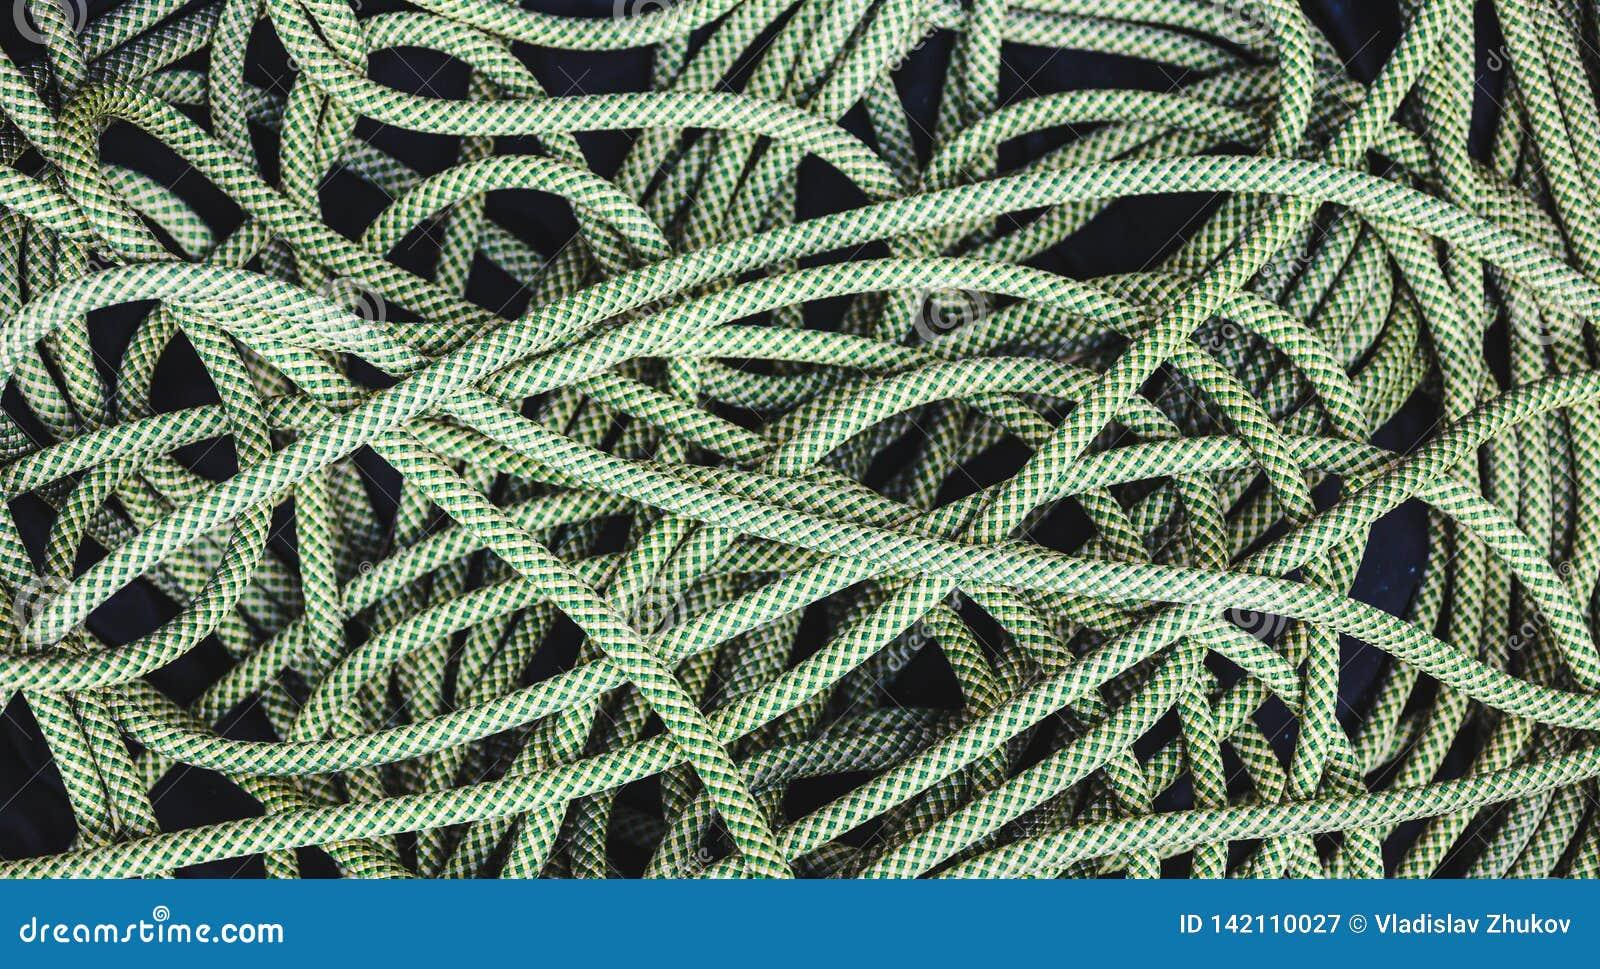 Corde verte pour s élever